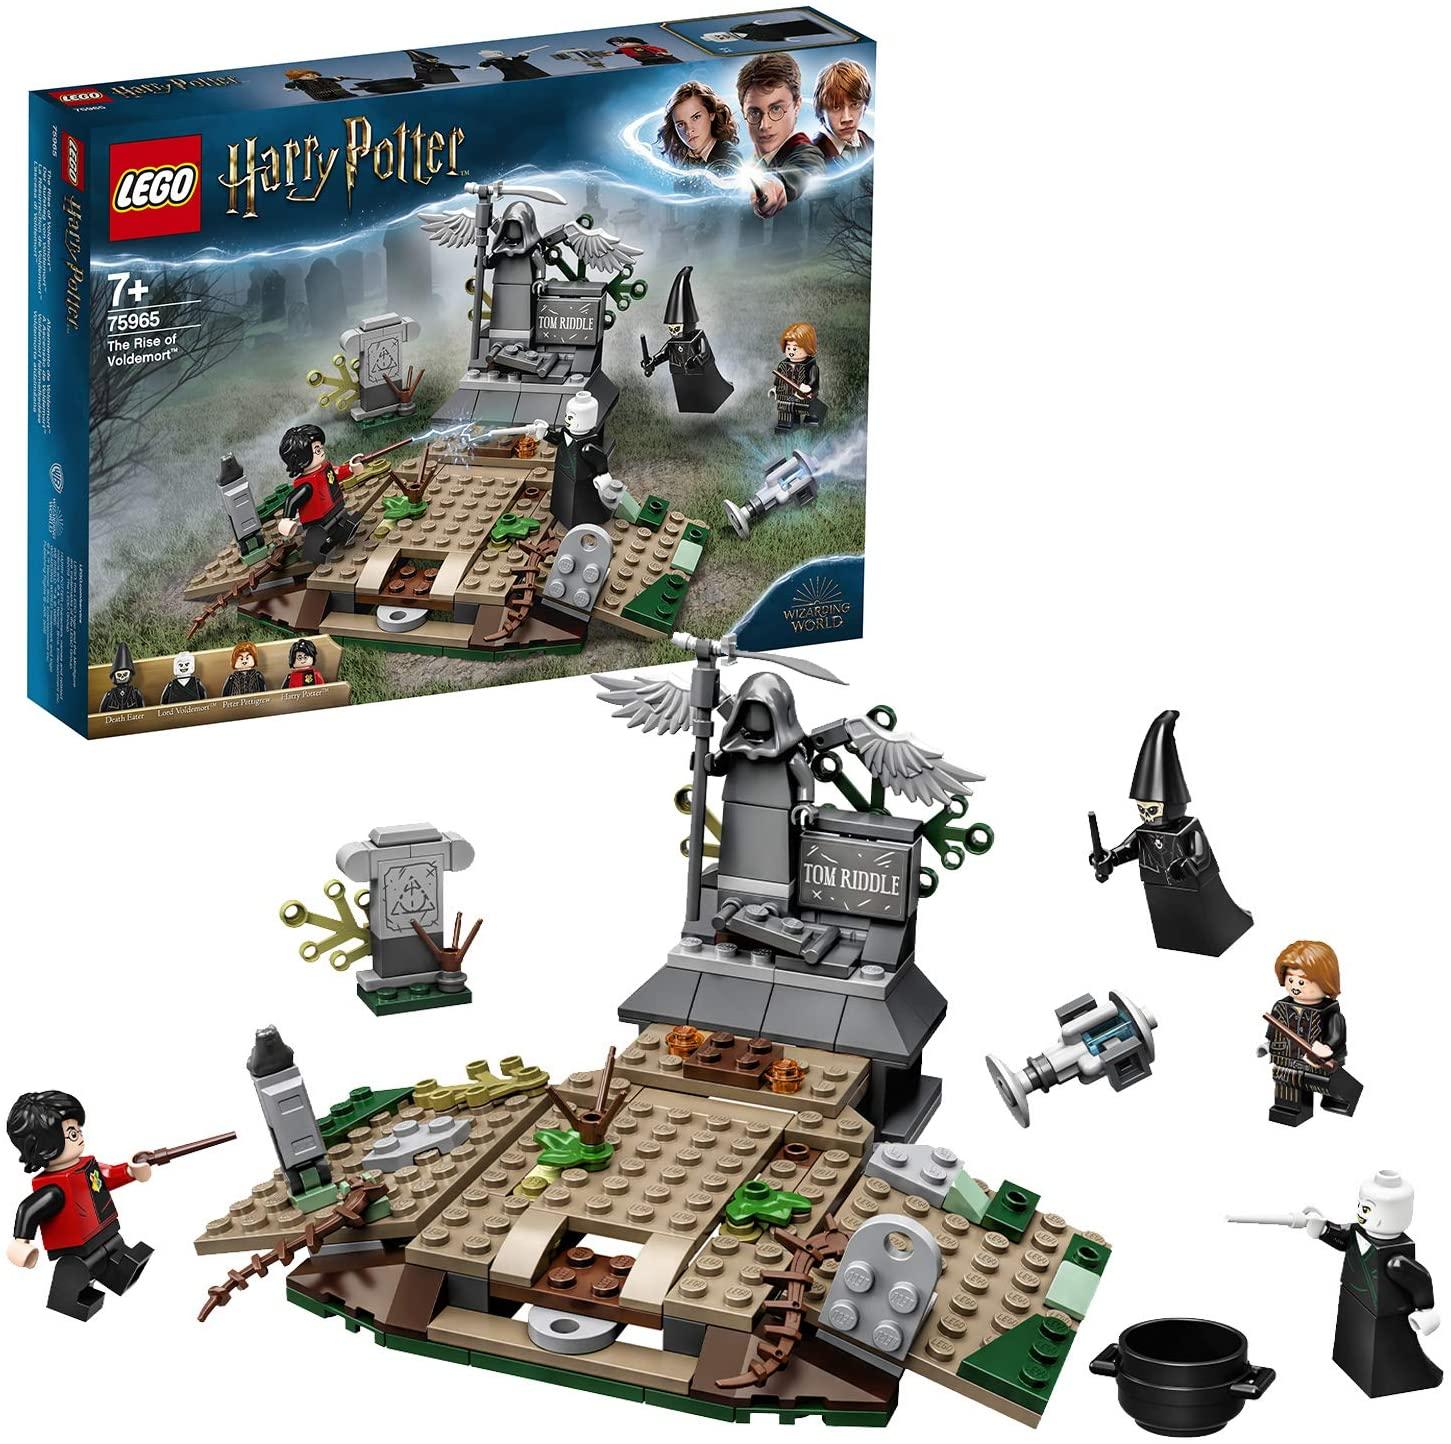 LEGO - 75965 - HARRY POTTER - La Résurrection de Voldemort